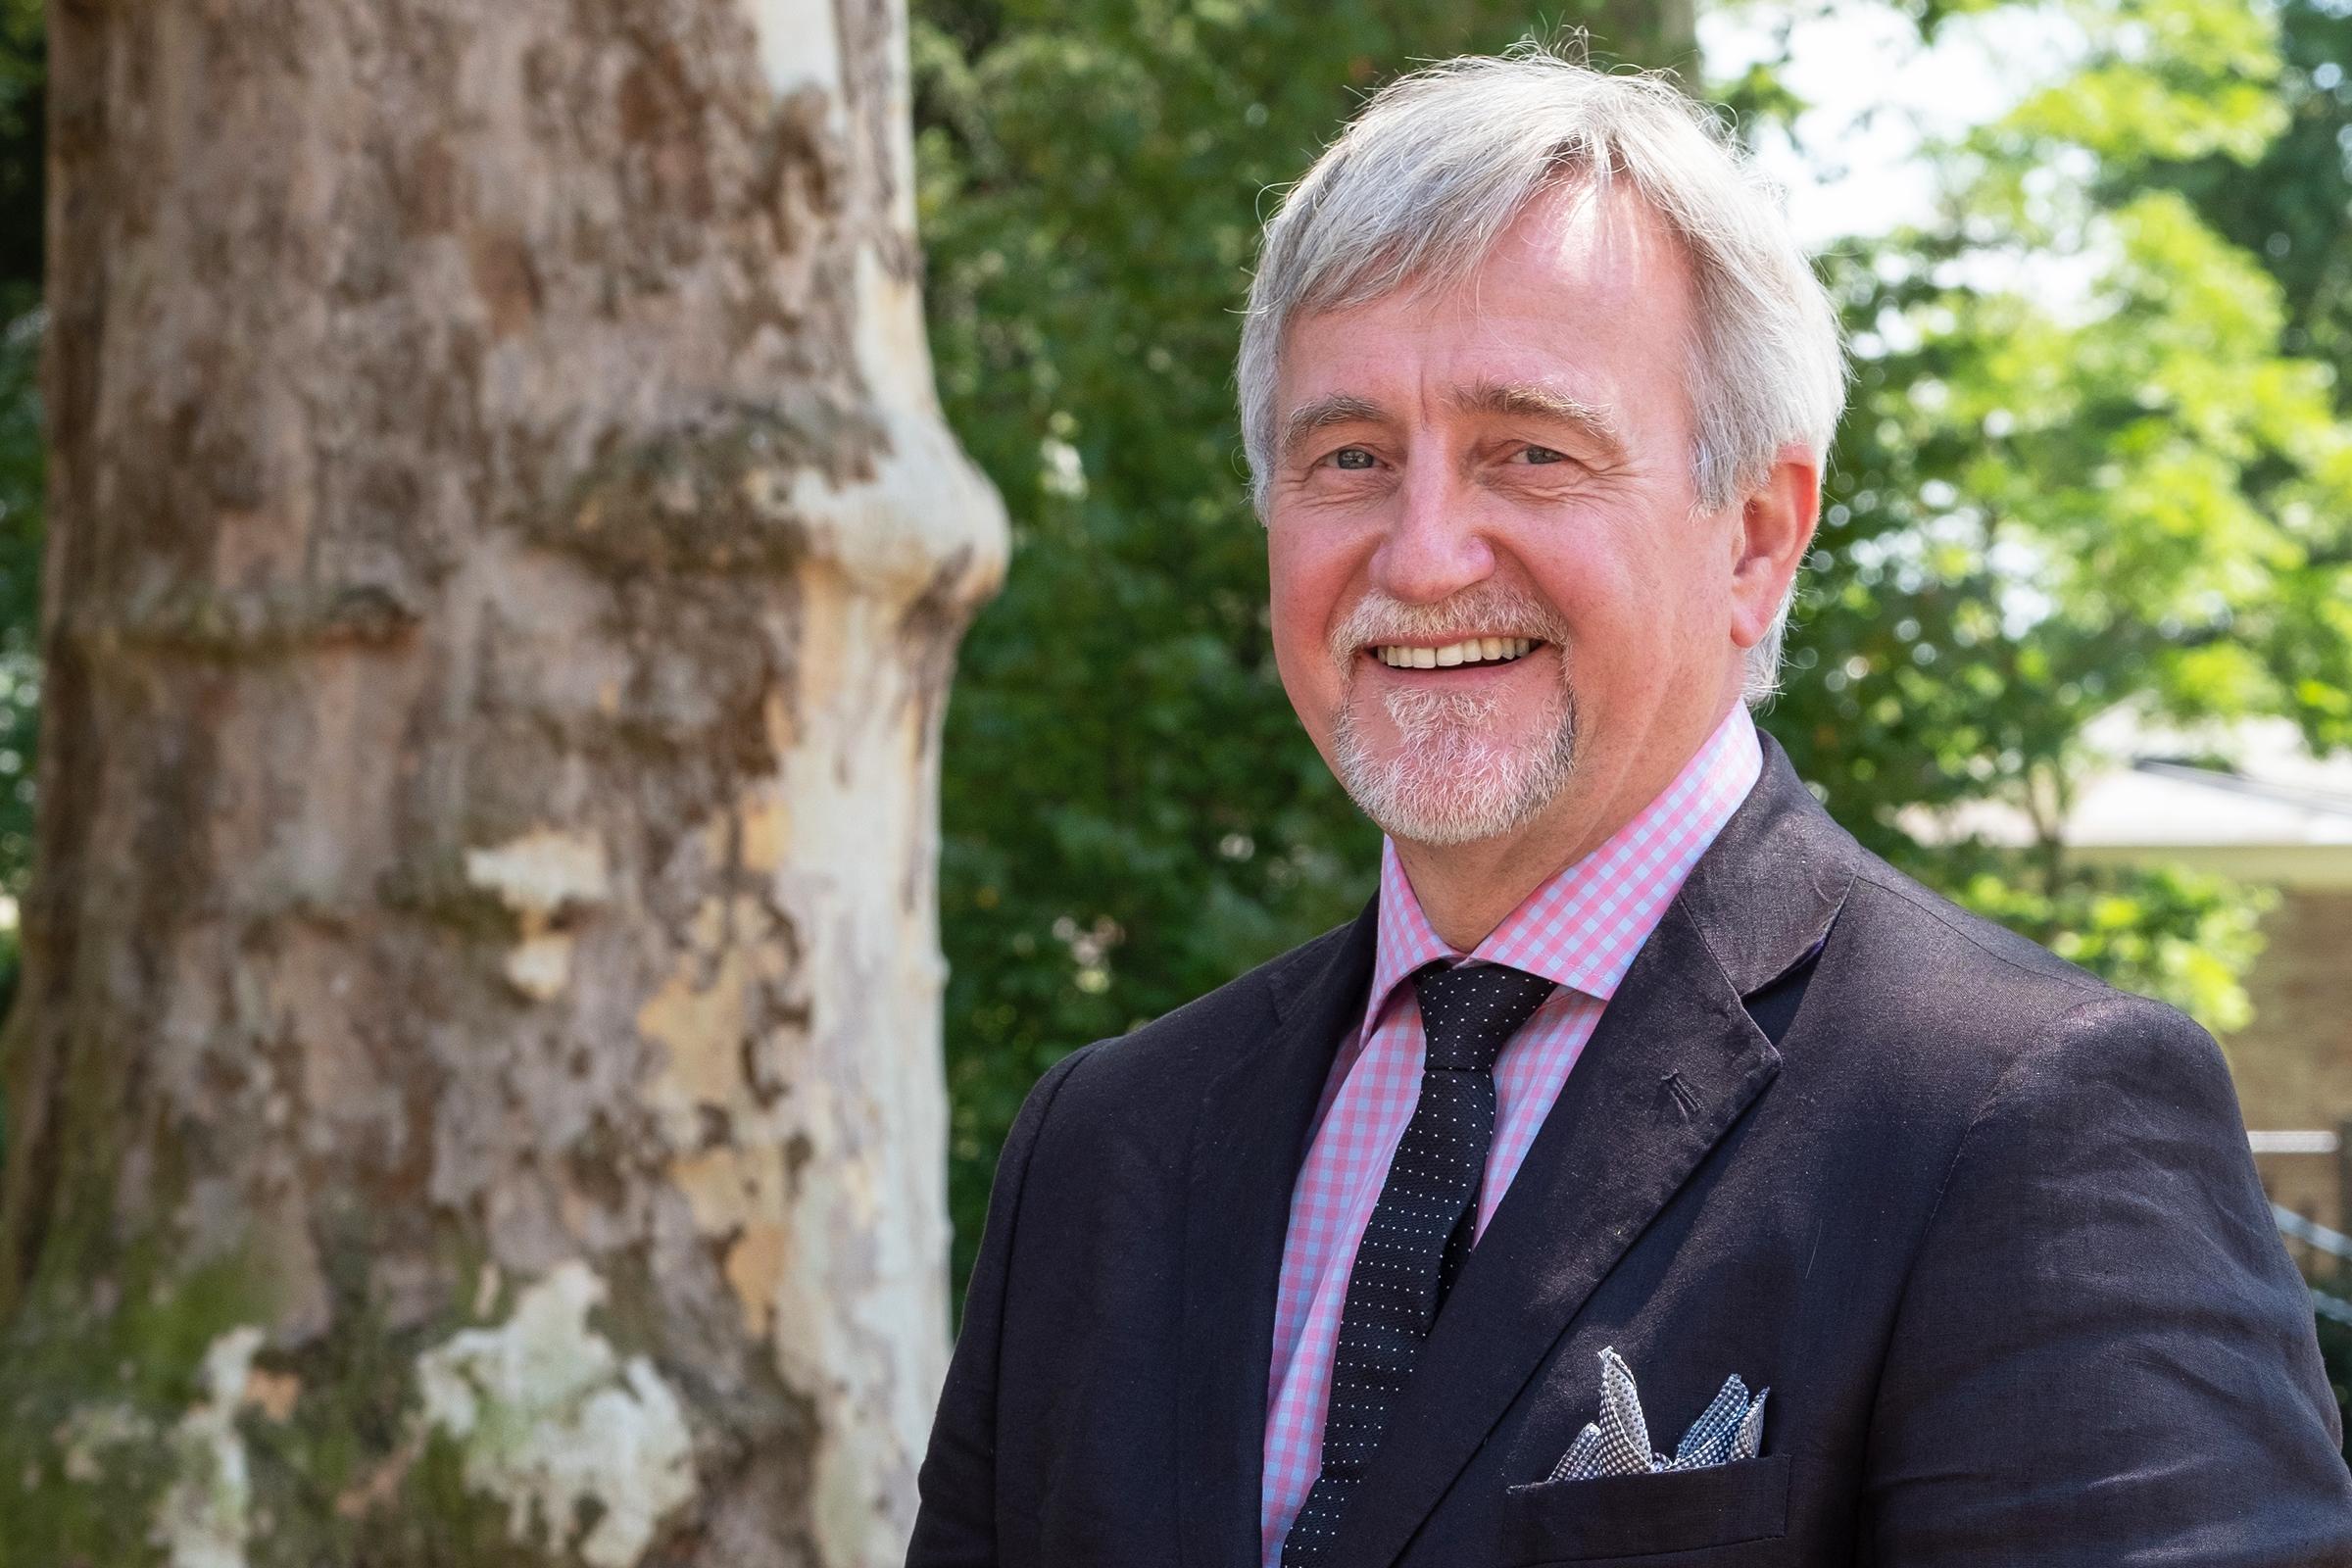 Prof Jablonski